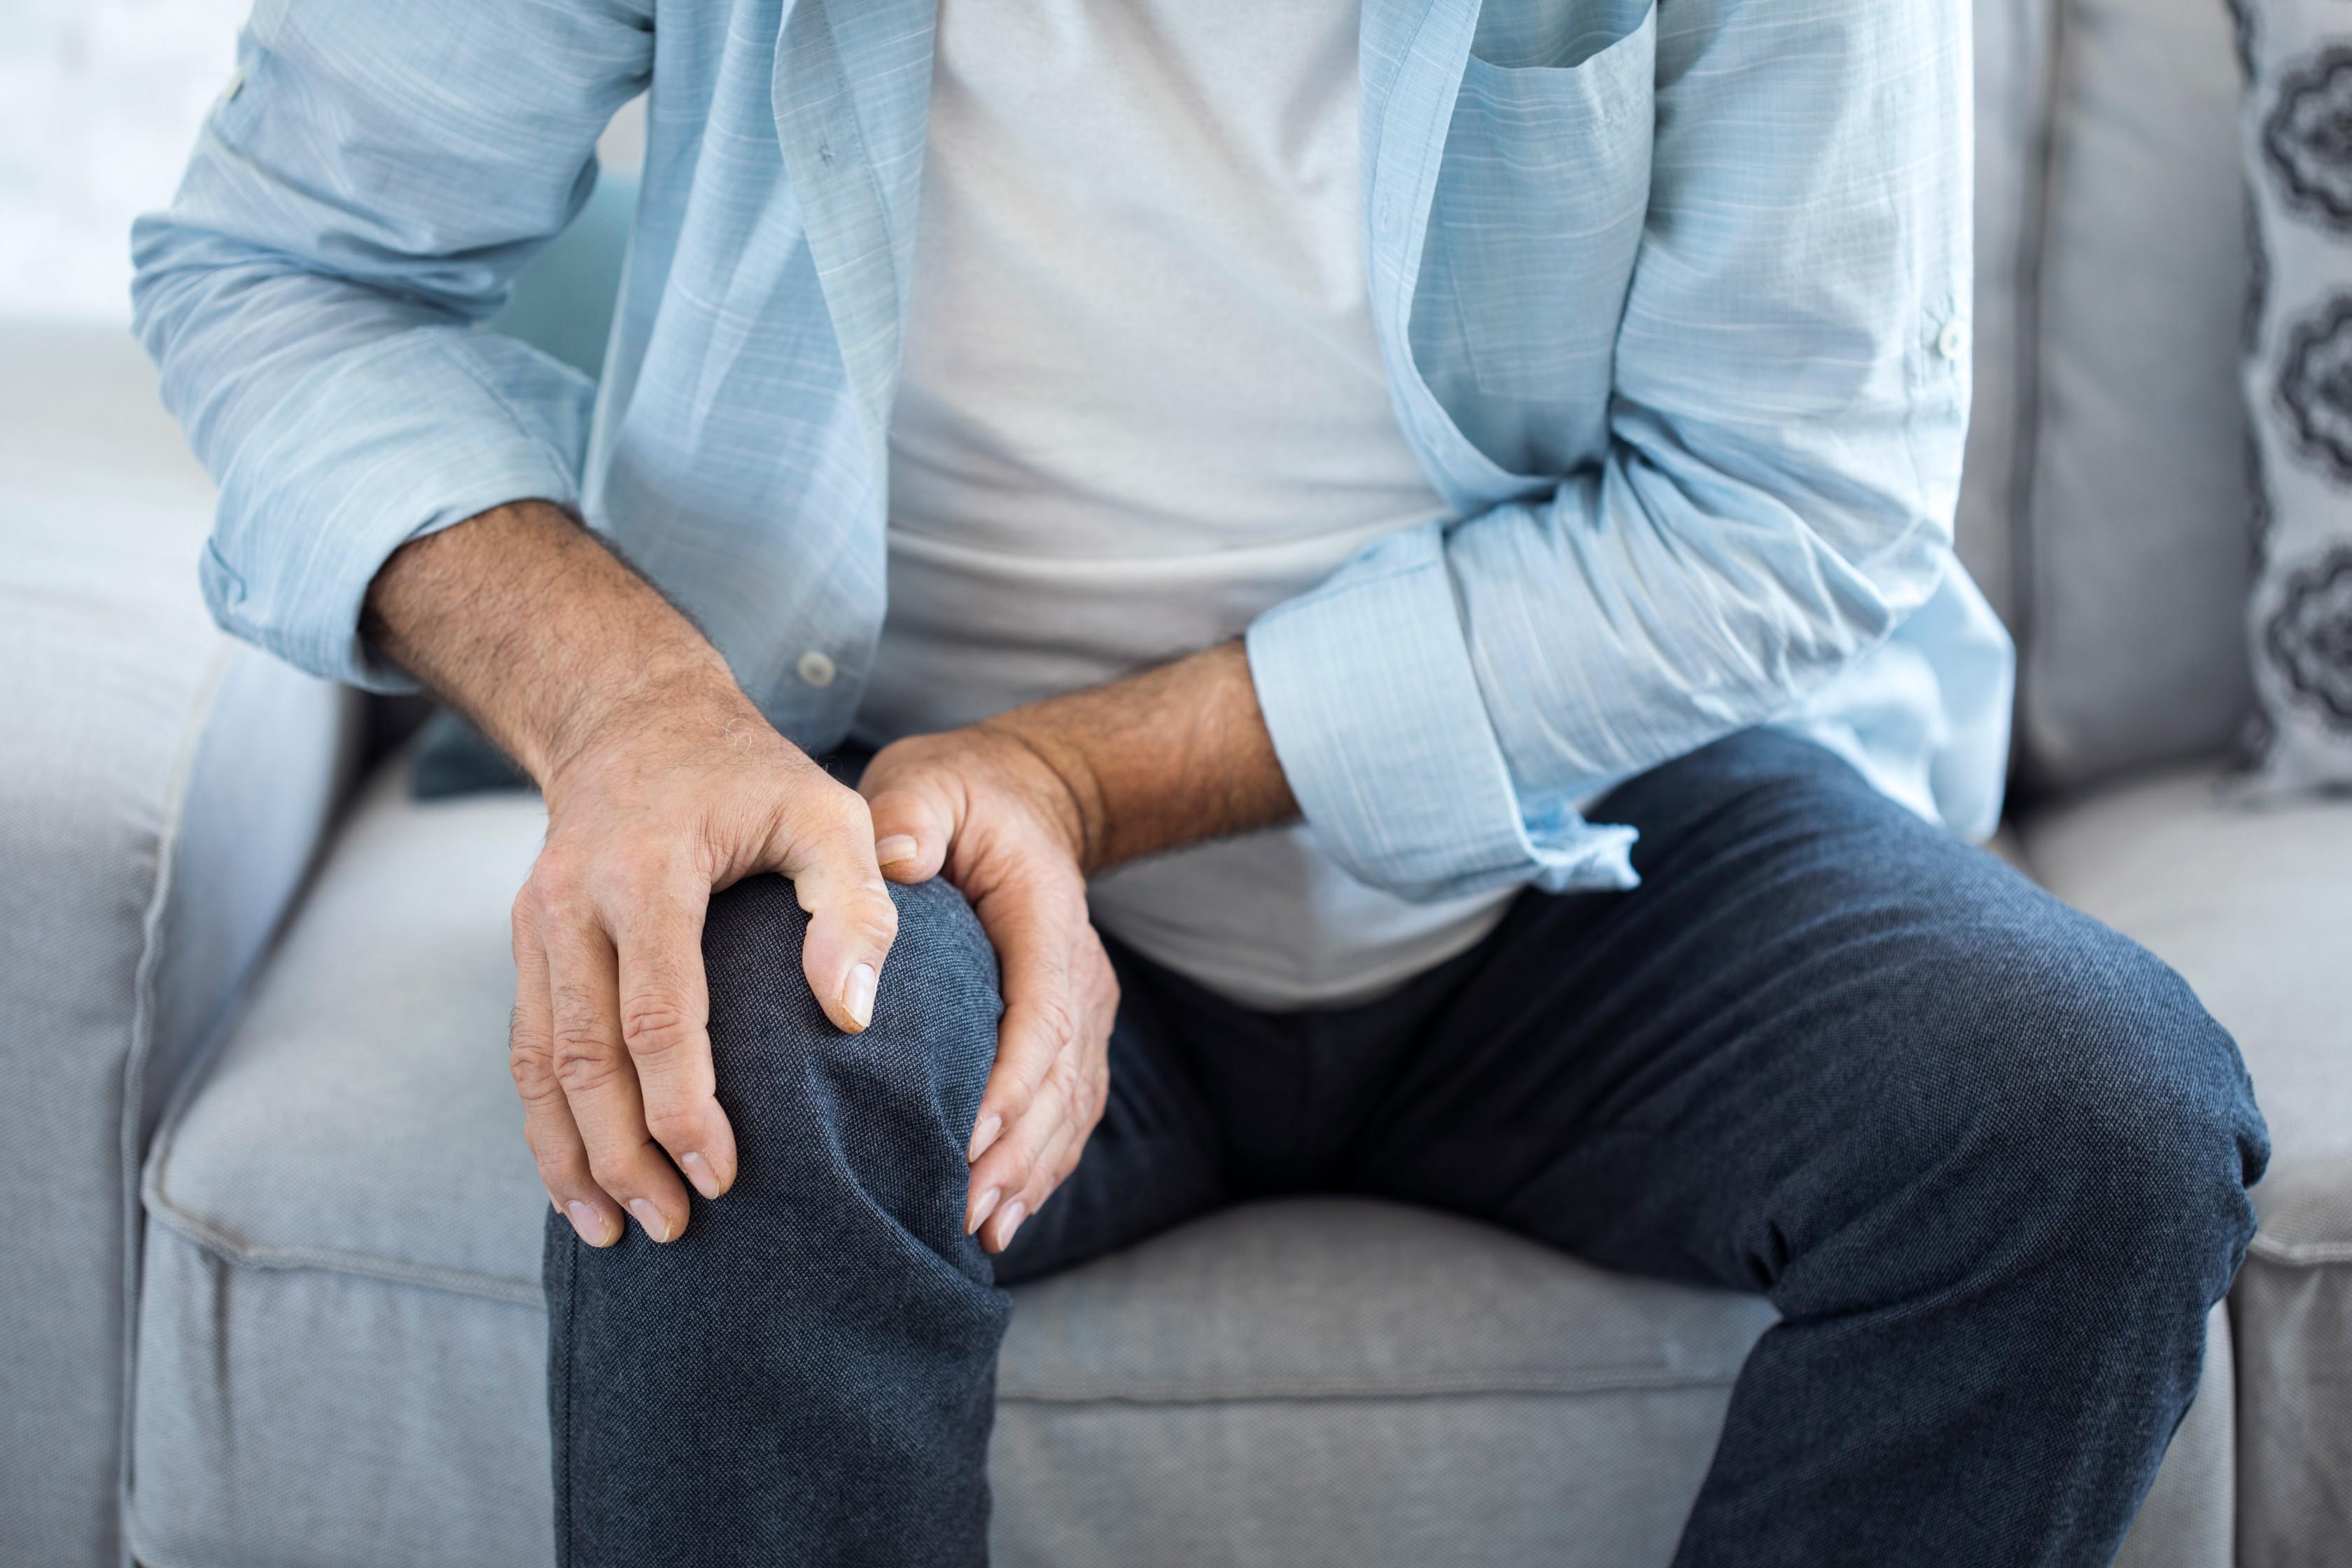 ízületek és izmok fájdalmát okozó vírusok